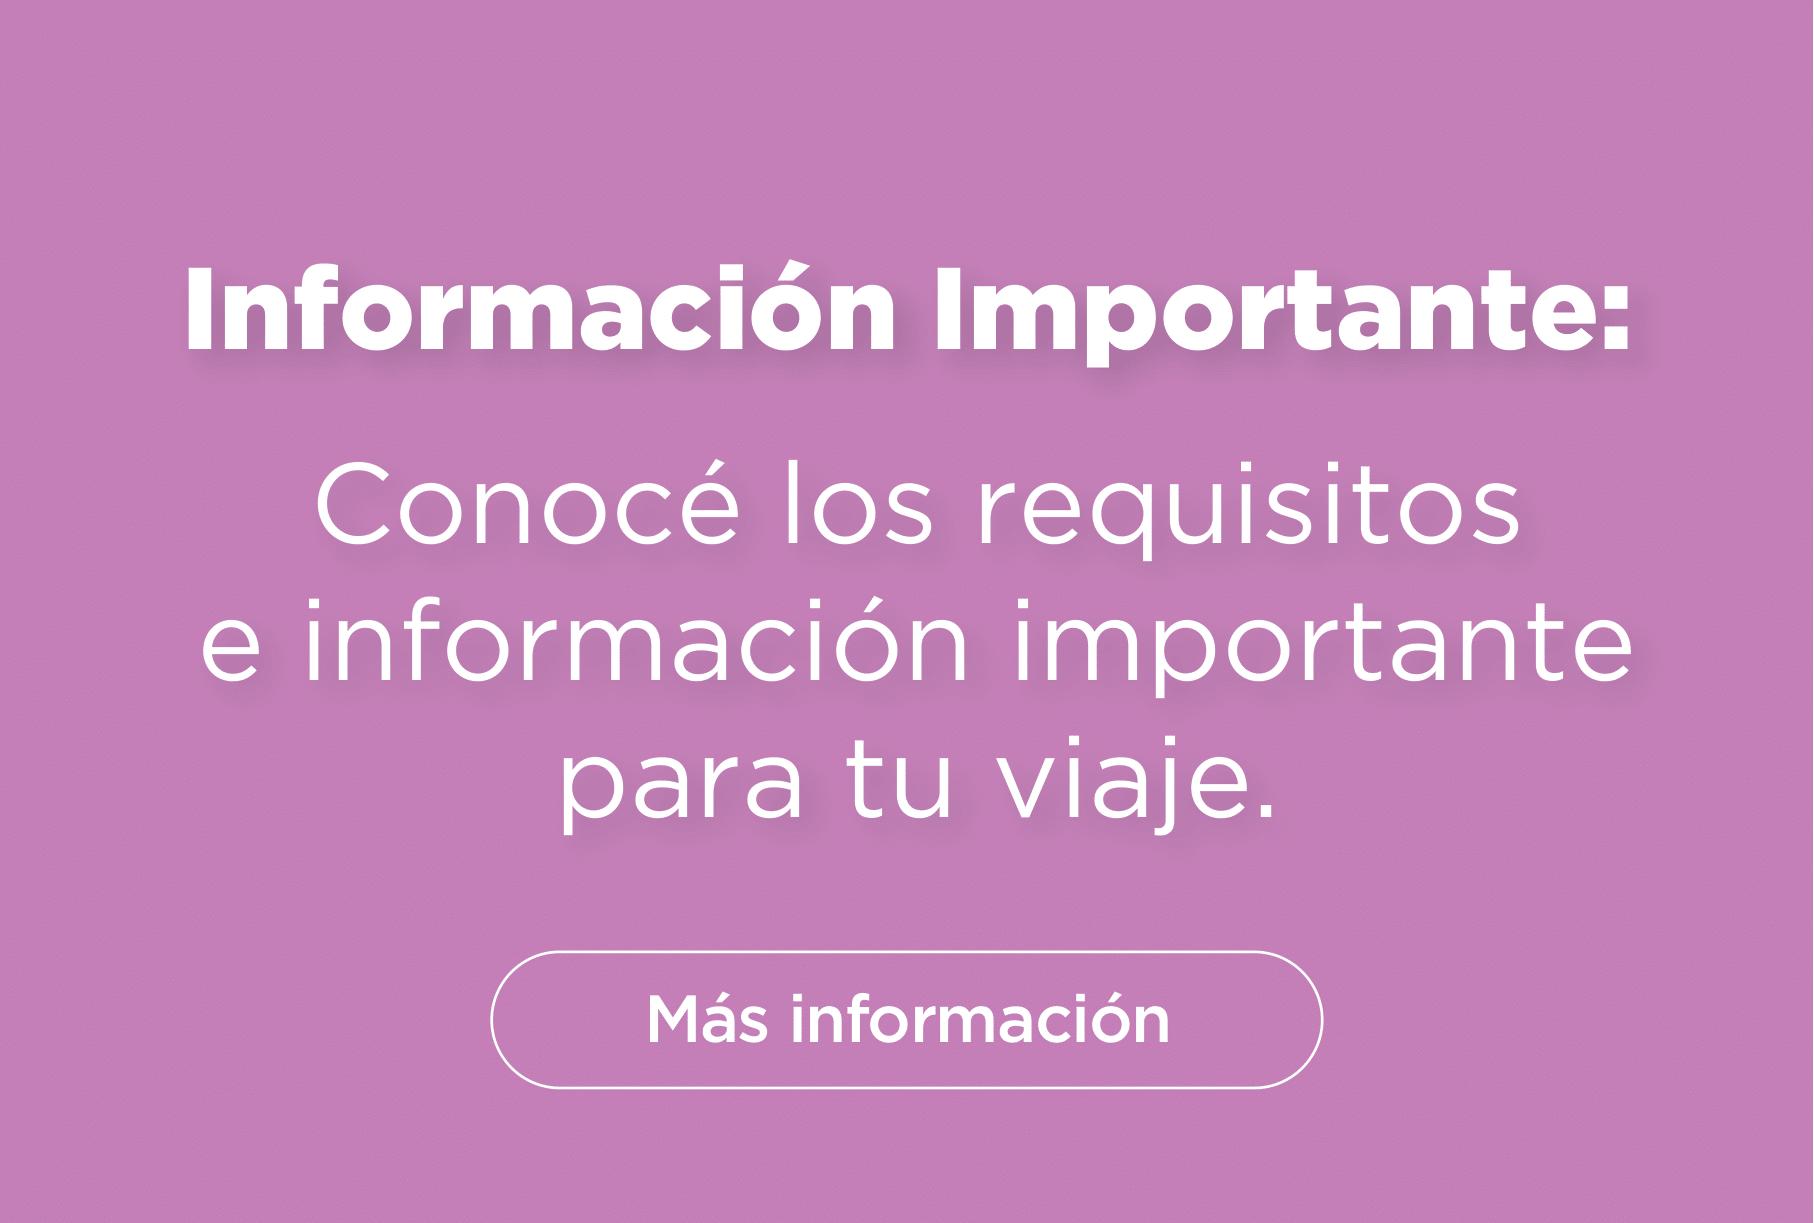 Información importante: Conocé los requisitos e información importante para tu viaje